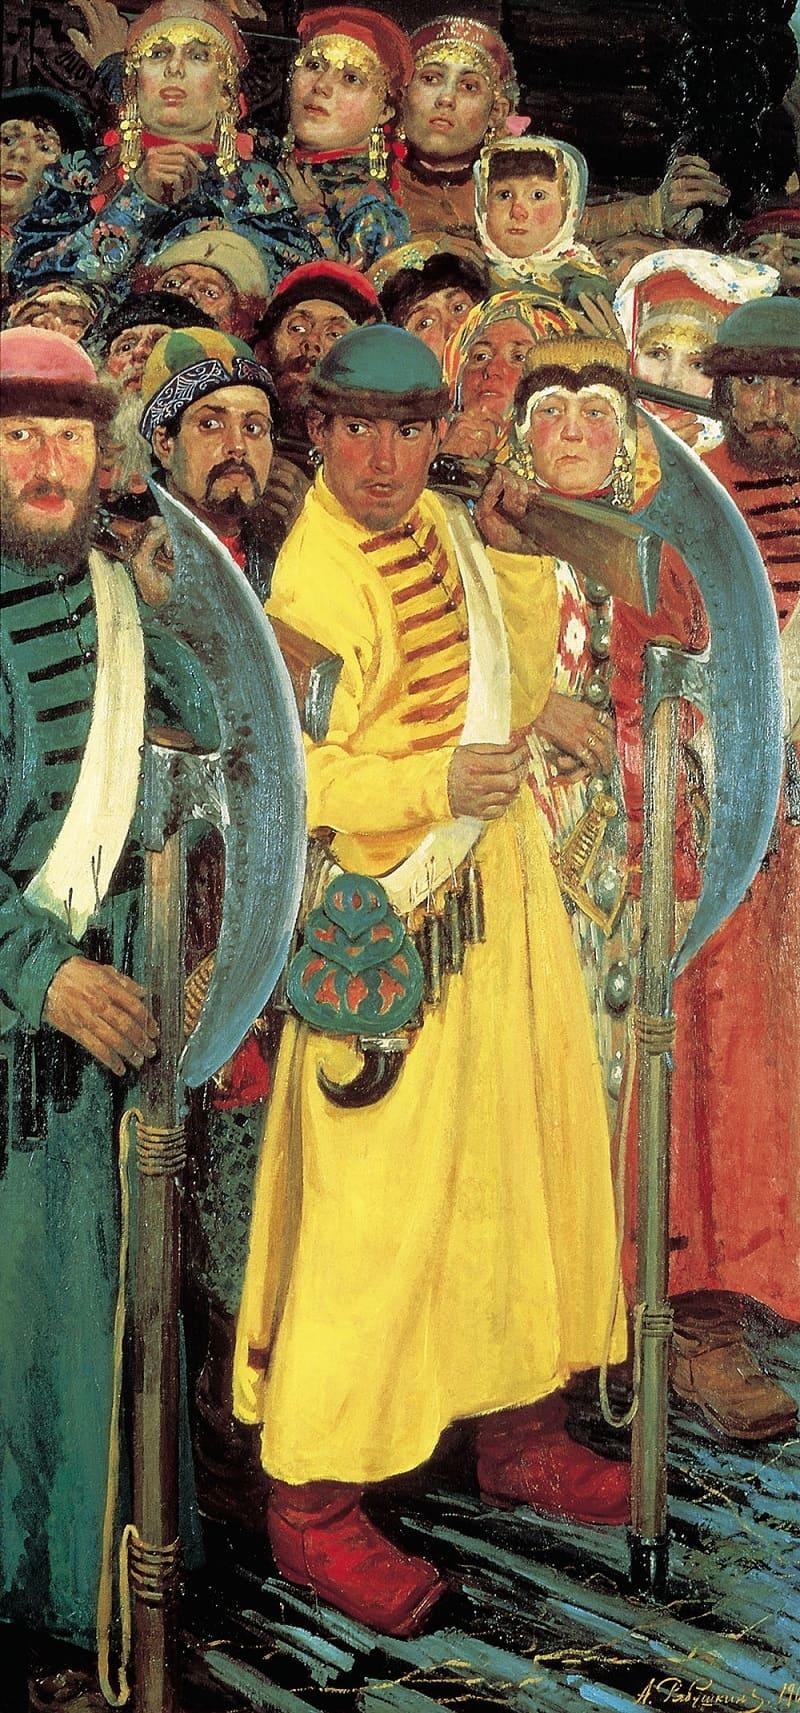 Кафтаны были самых разных цветов. Андрей Петрович Рябушкин «Едут!», 1901 год Местонахождение: Государственный Русский Музей, Санкт-Петербург, Россия